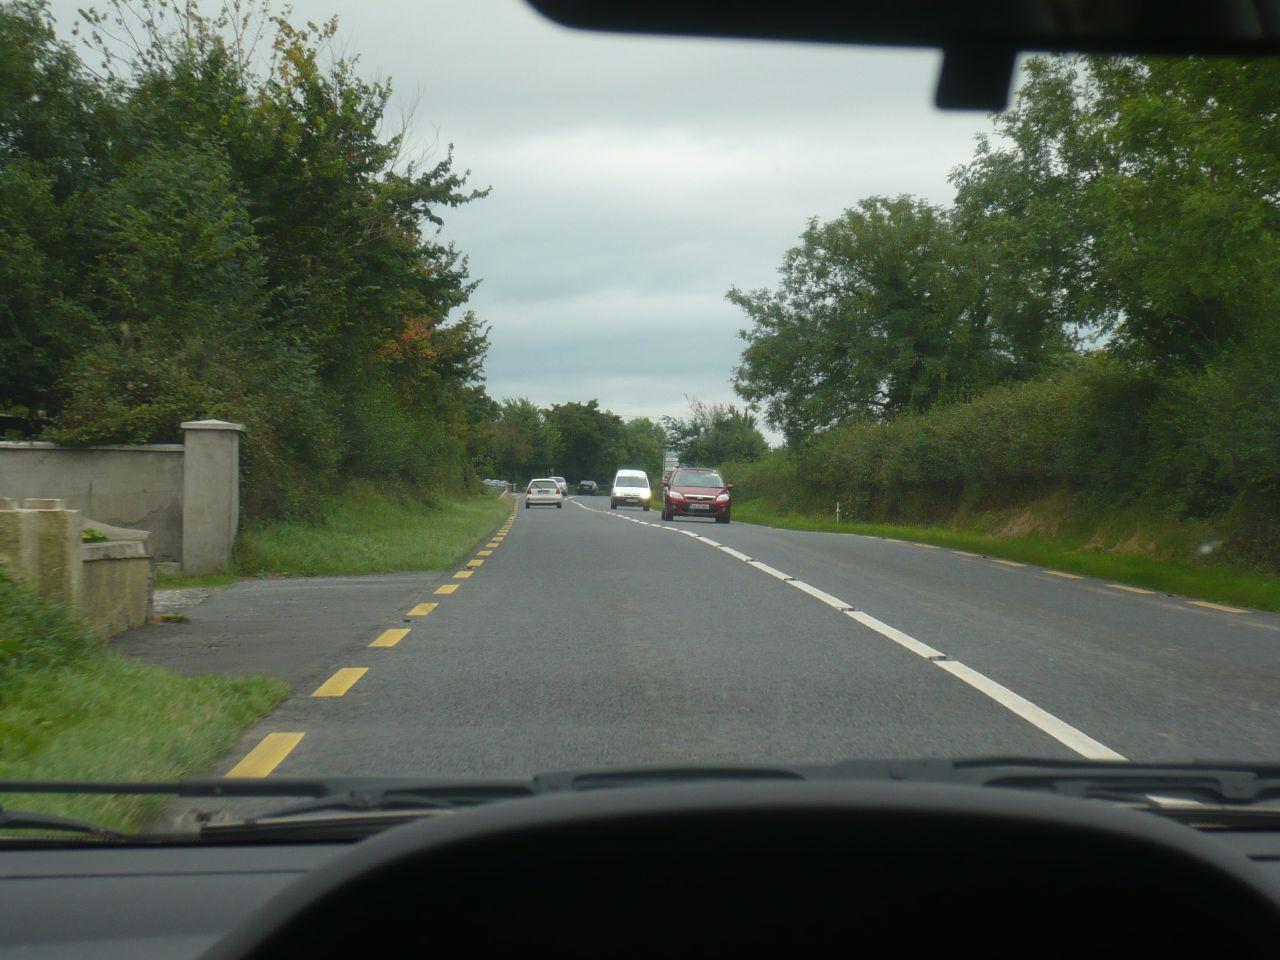 la carretera entre la 2ª y 3ª ciudad de Irlanda.. de chiste